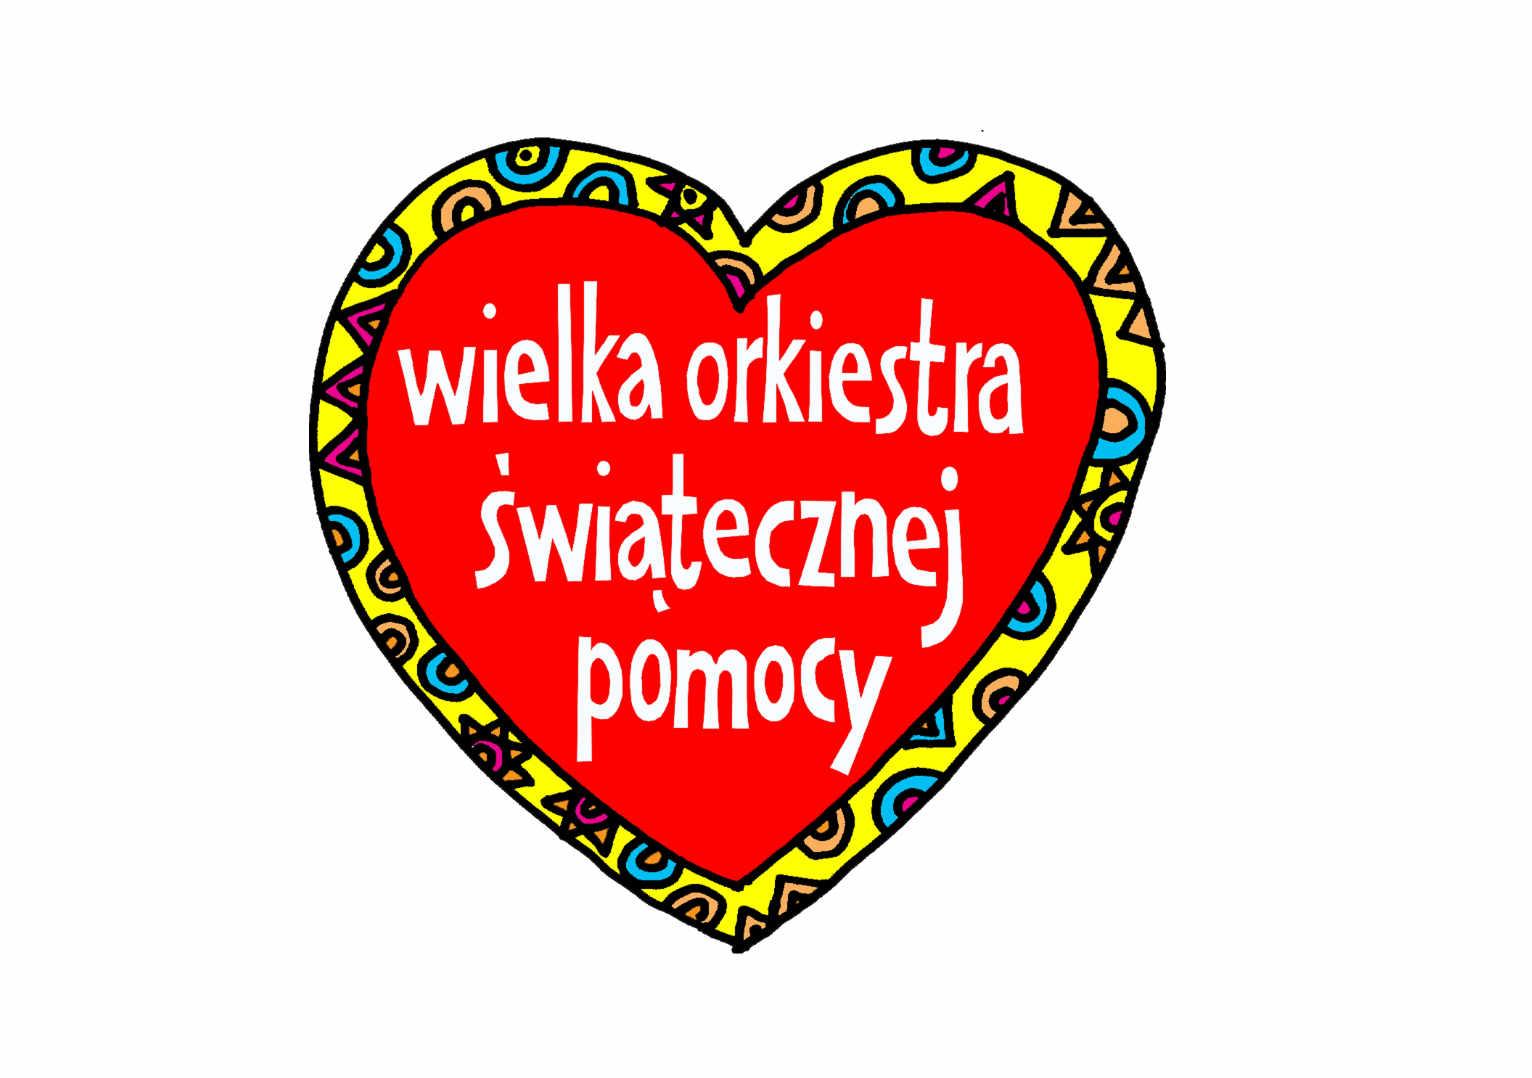 wielka-orkiestra-swiatecznej-pomocy-logo